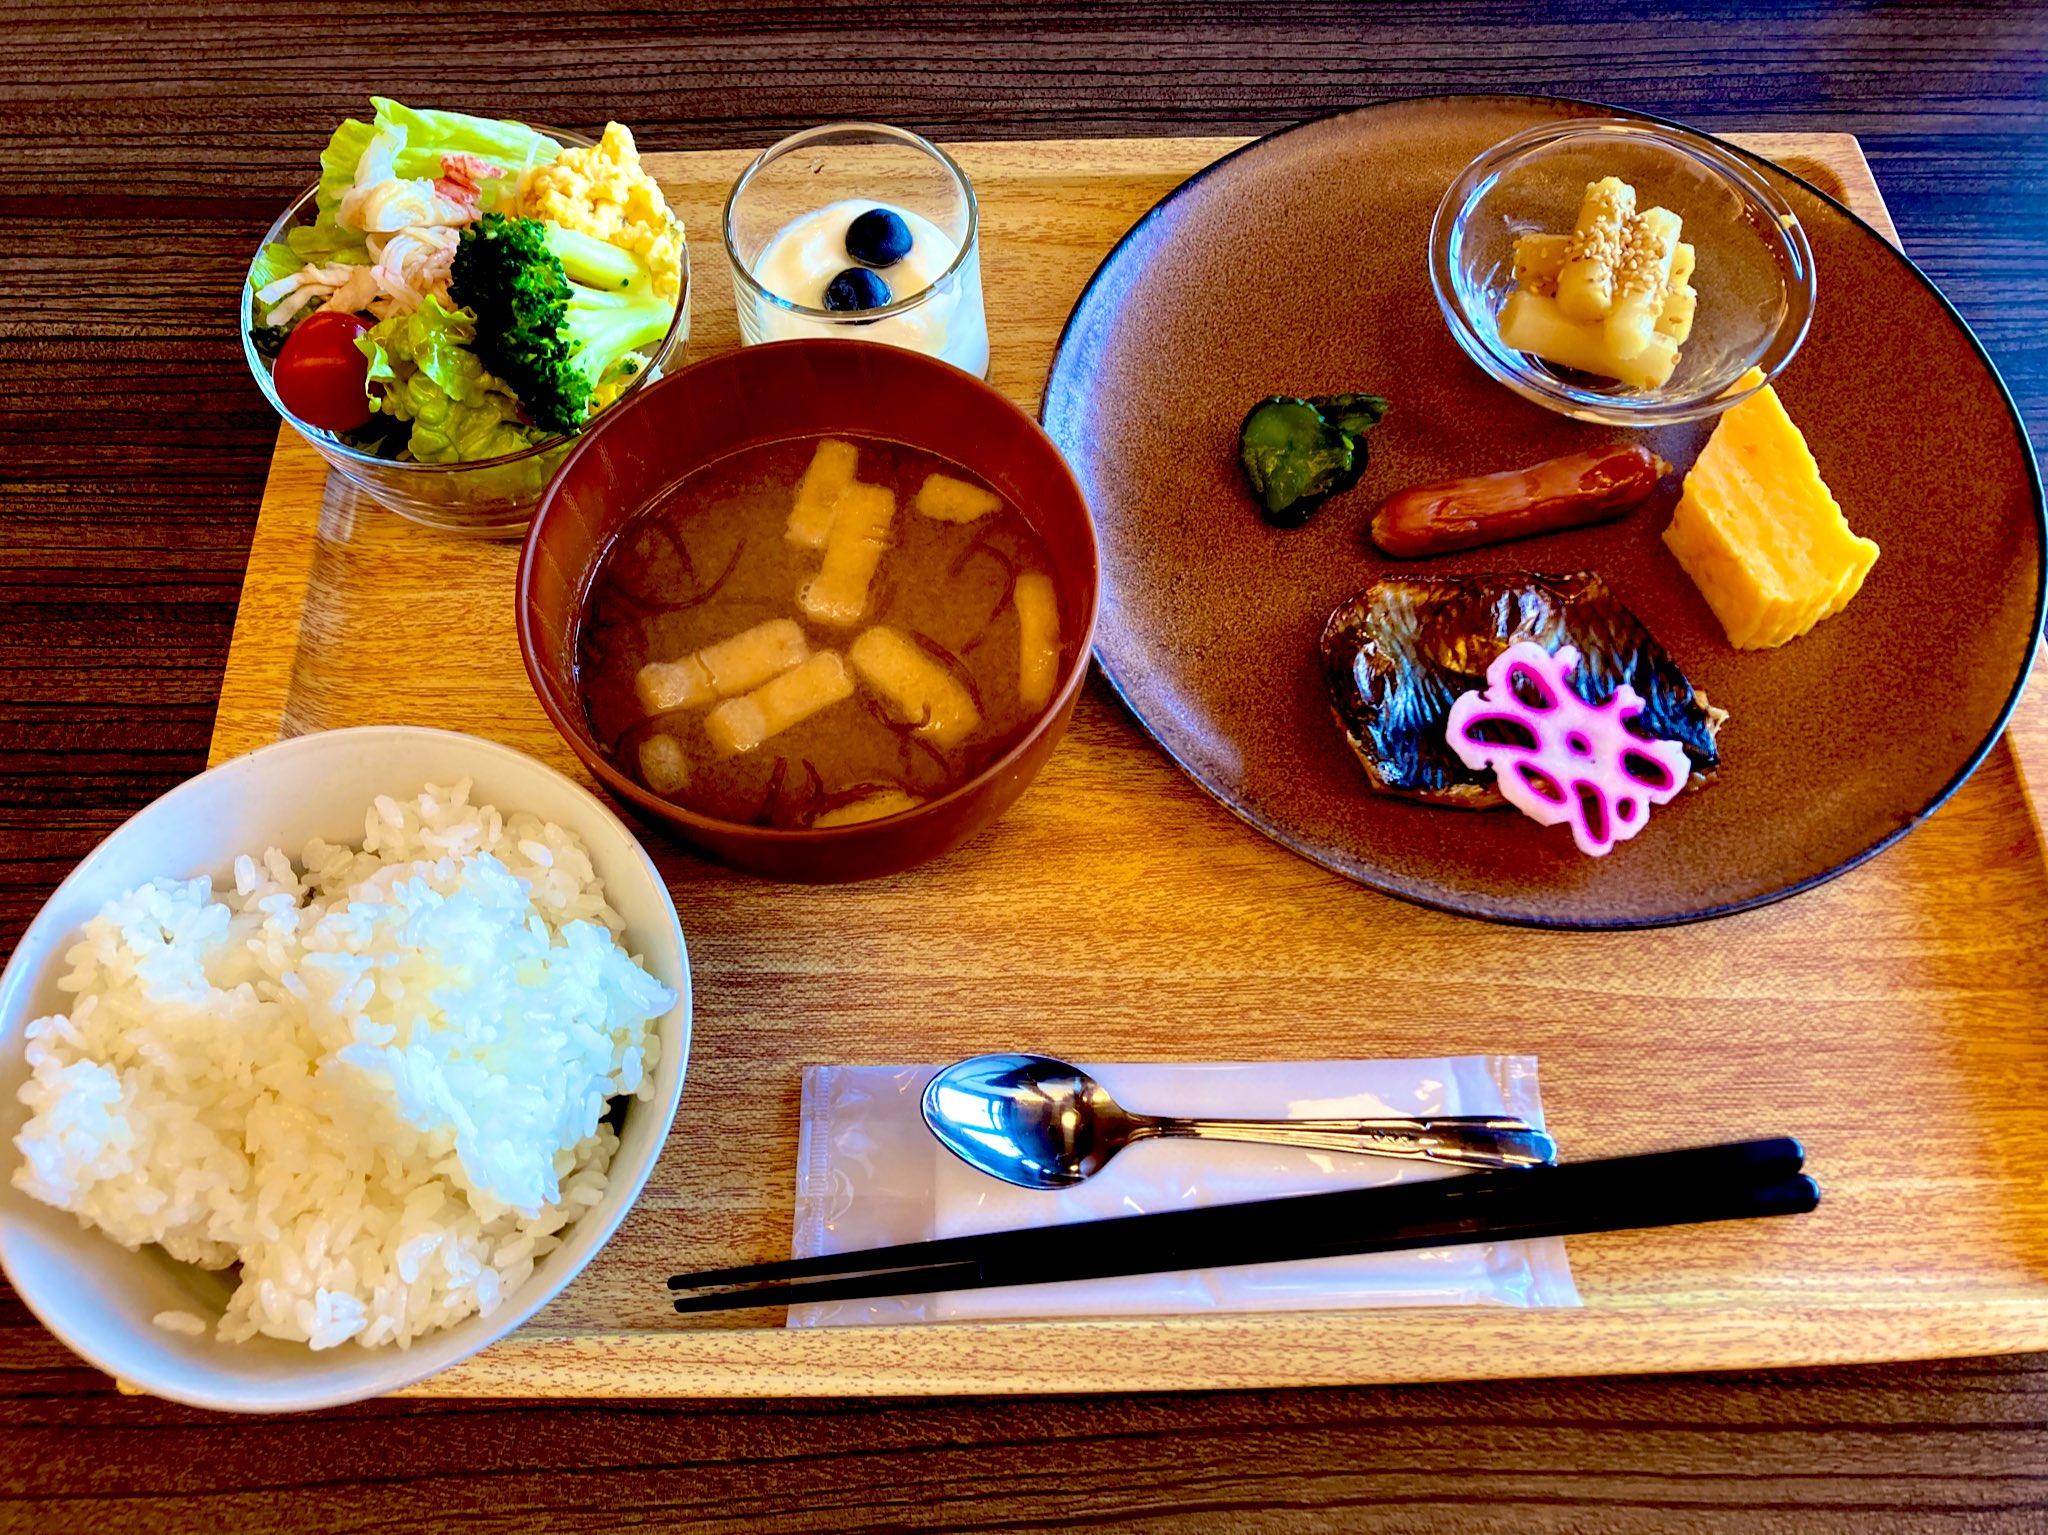 朝食のセットメニュー・ご飯と味噌汁とサラダと魚類な和食セット